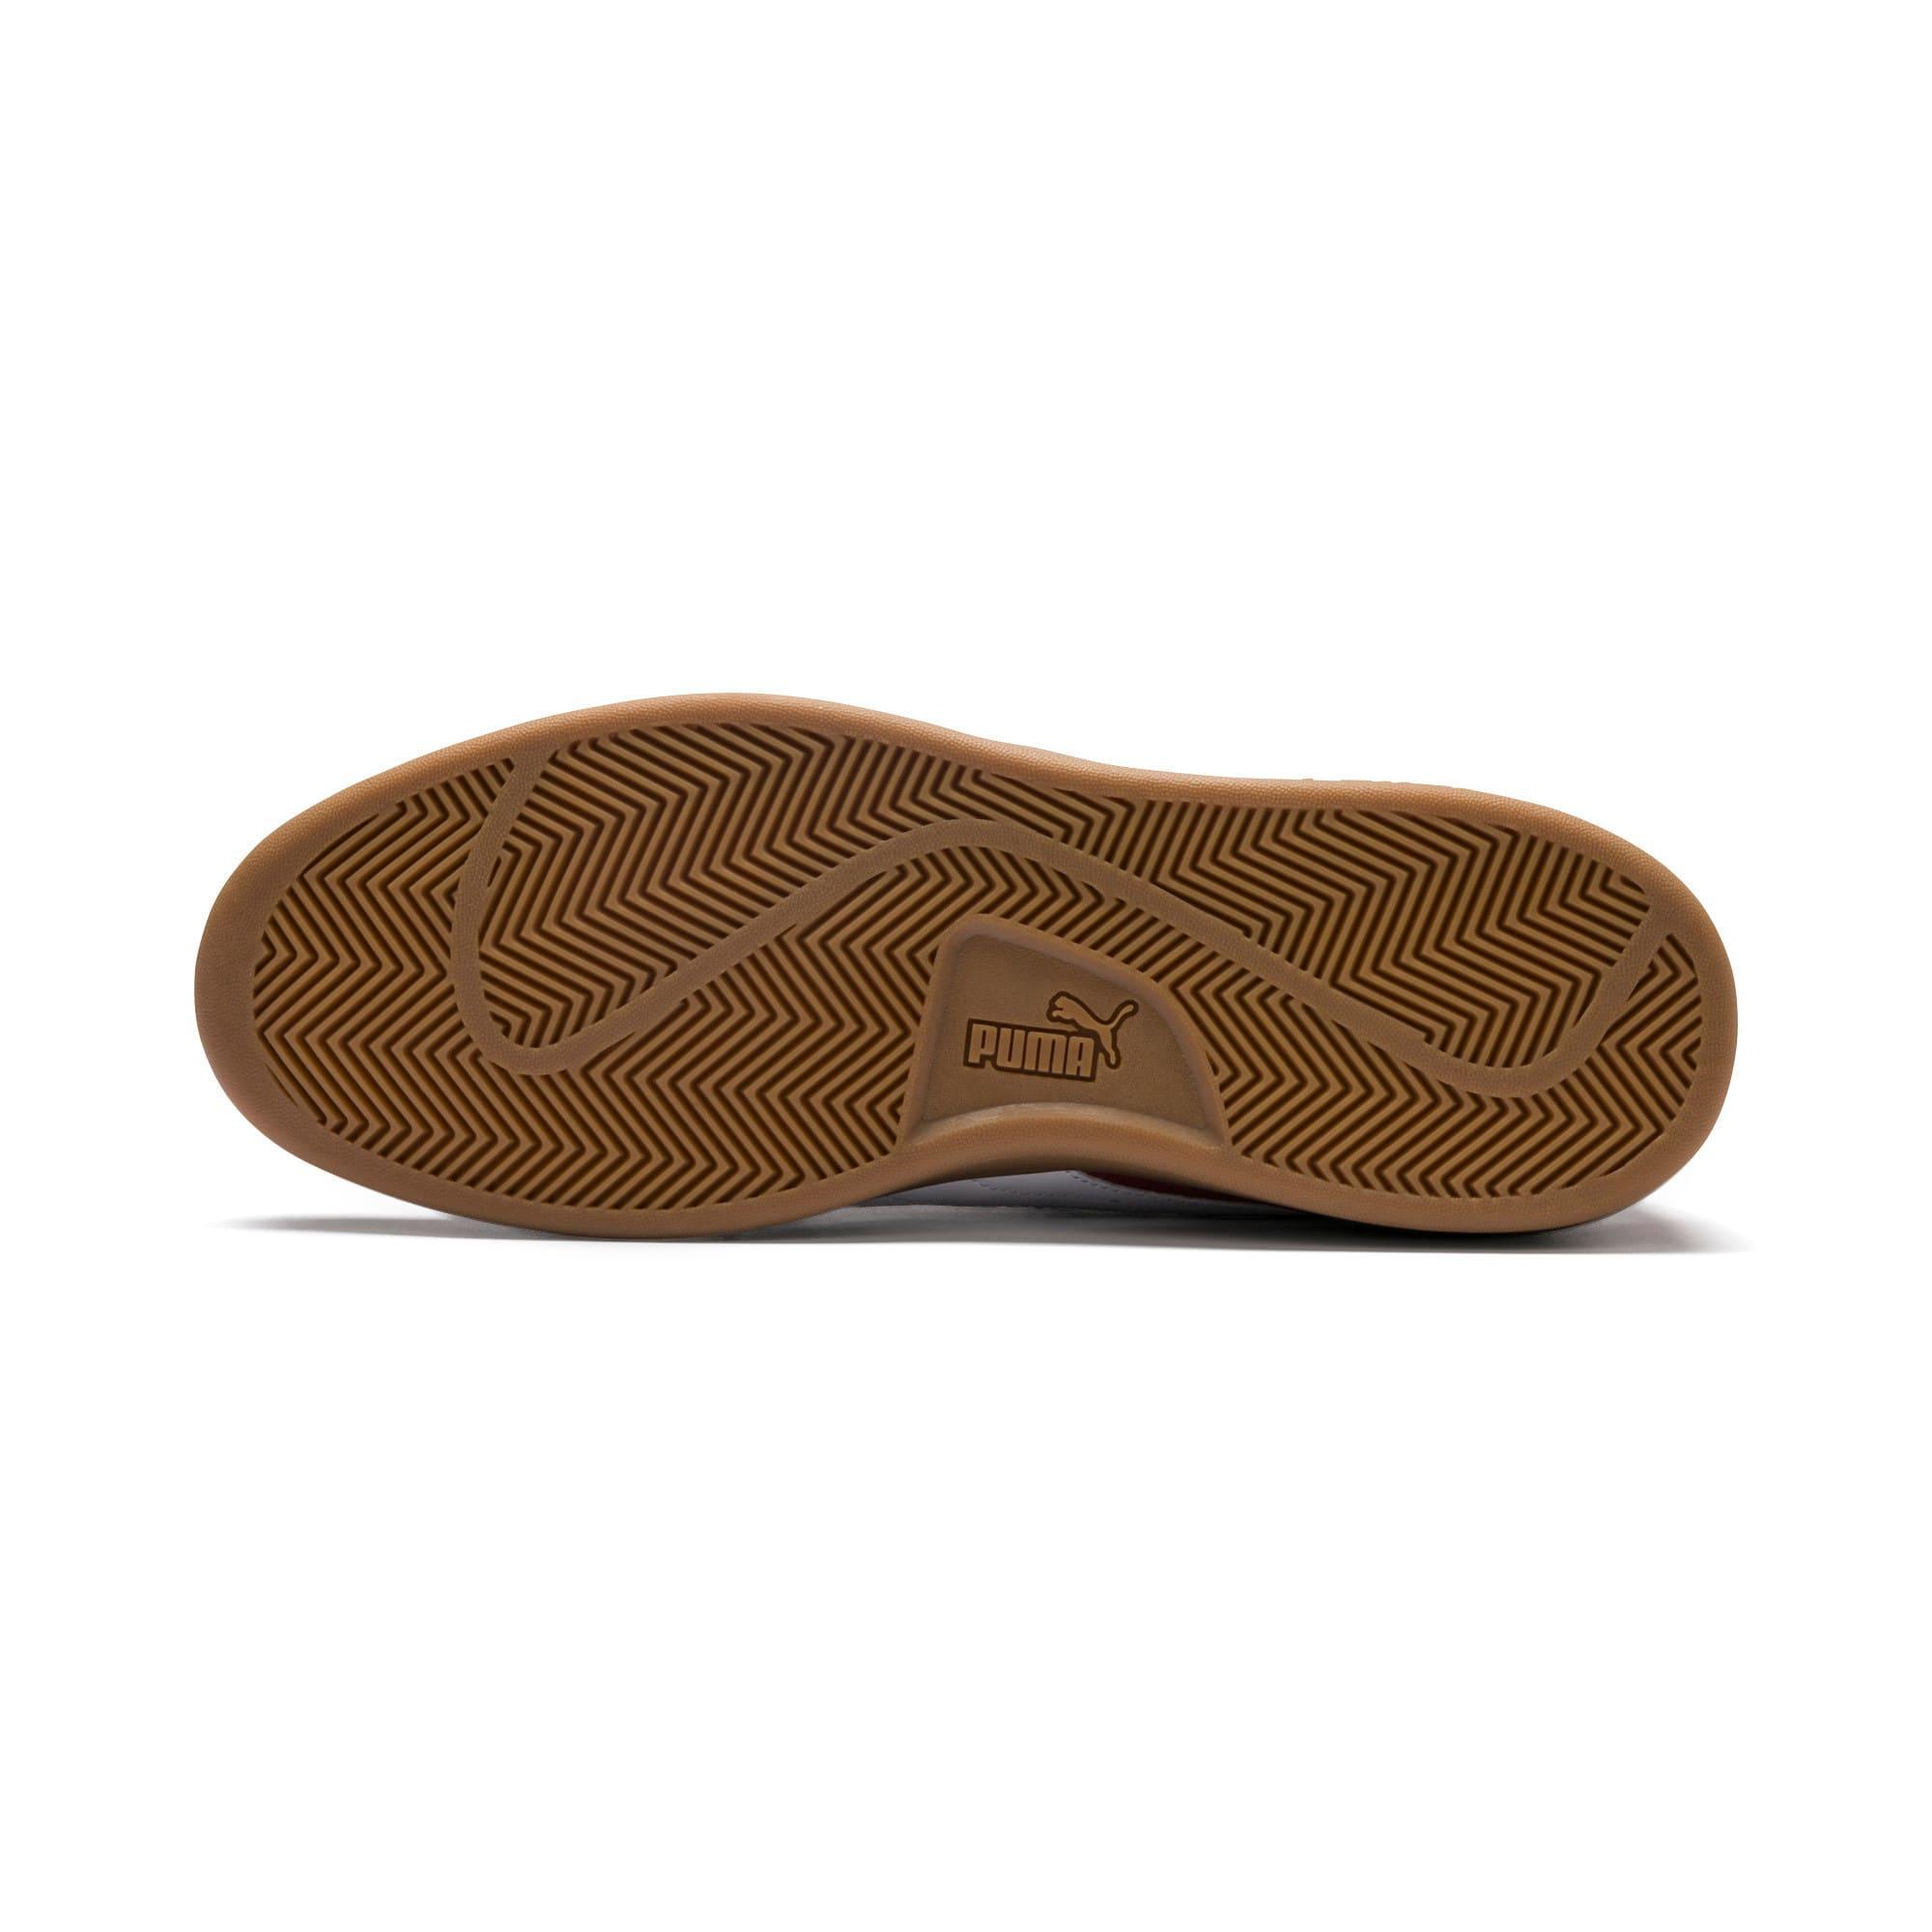 Thumbnail 3 of Astro Kick Sneakers, Cordovan-Puma White, medium